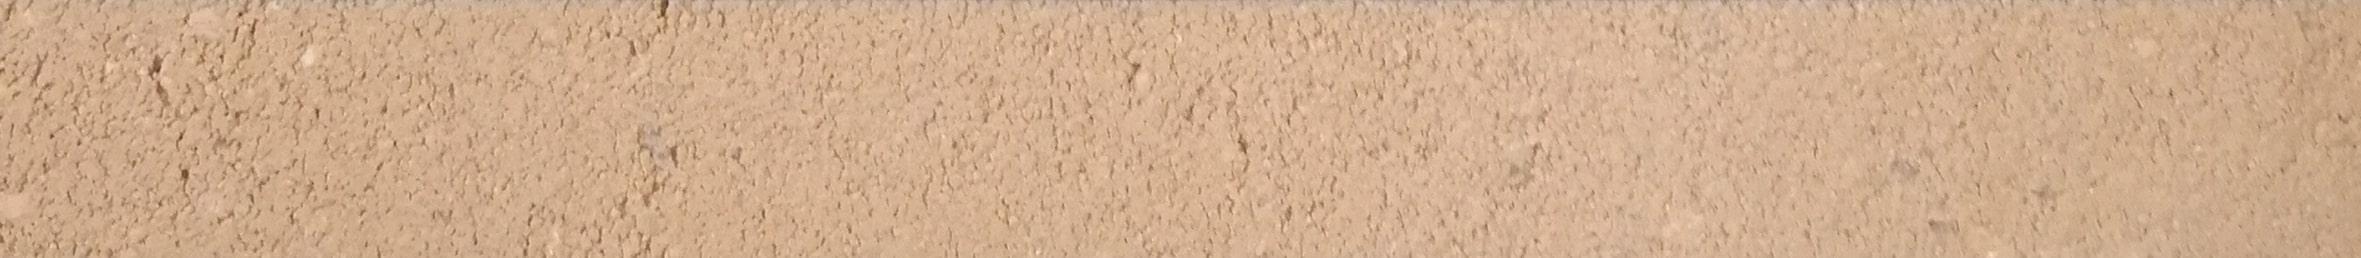 Fugenmörtel - Fugenfarbe 1014